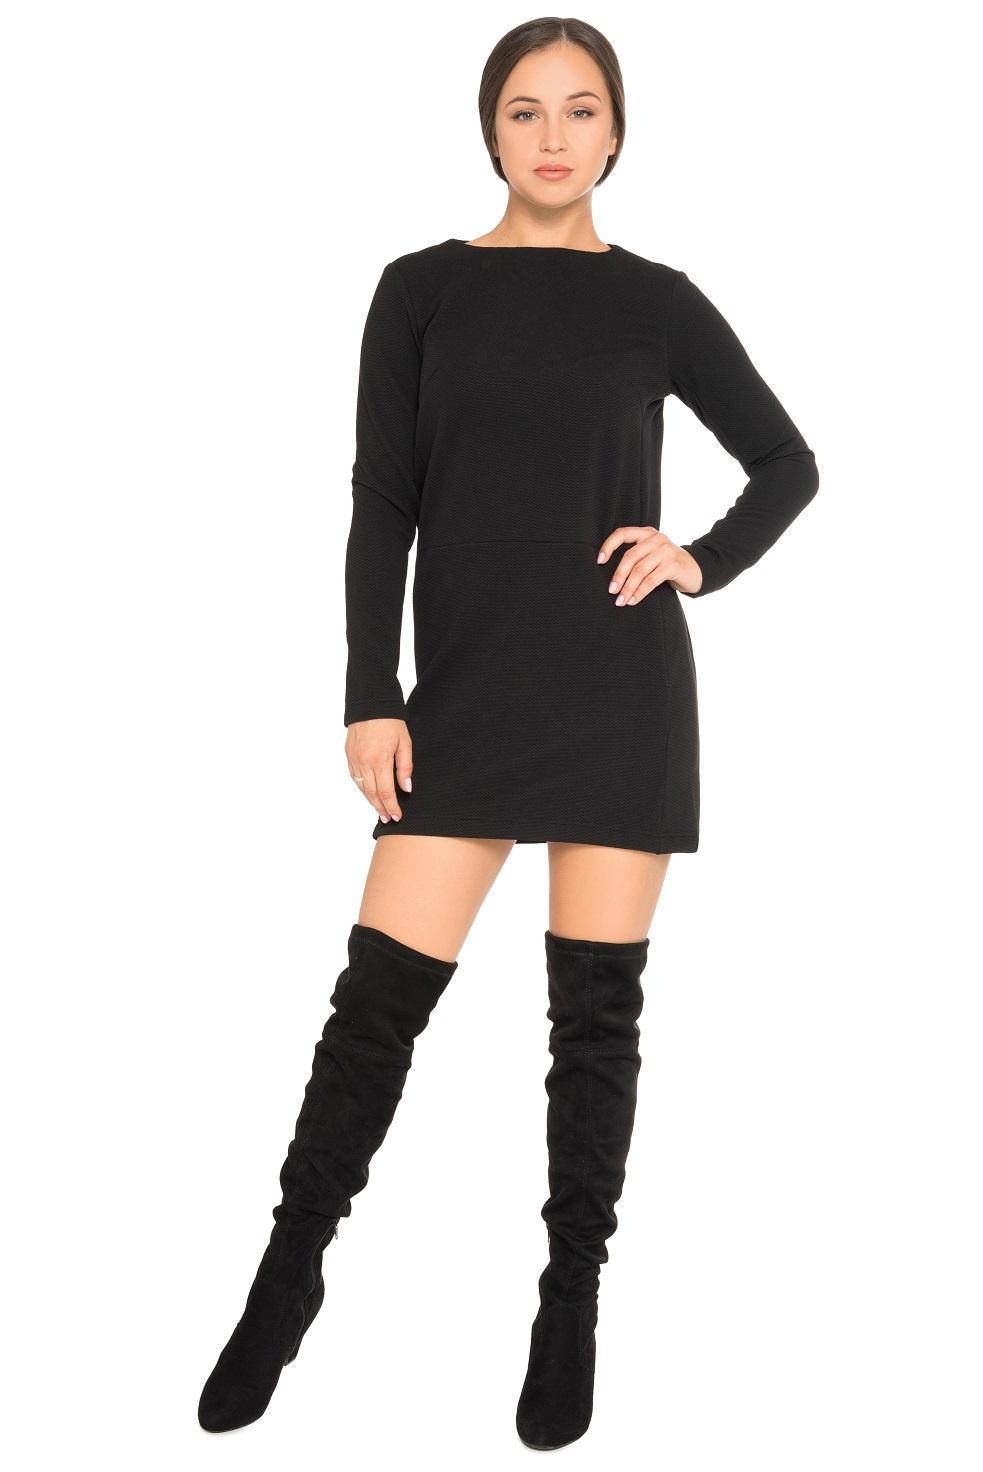 Платье ZAFTO платье zafto 2181210650 серый 50 размер